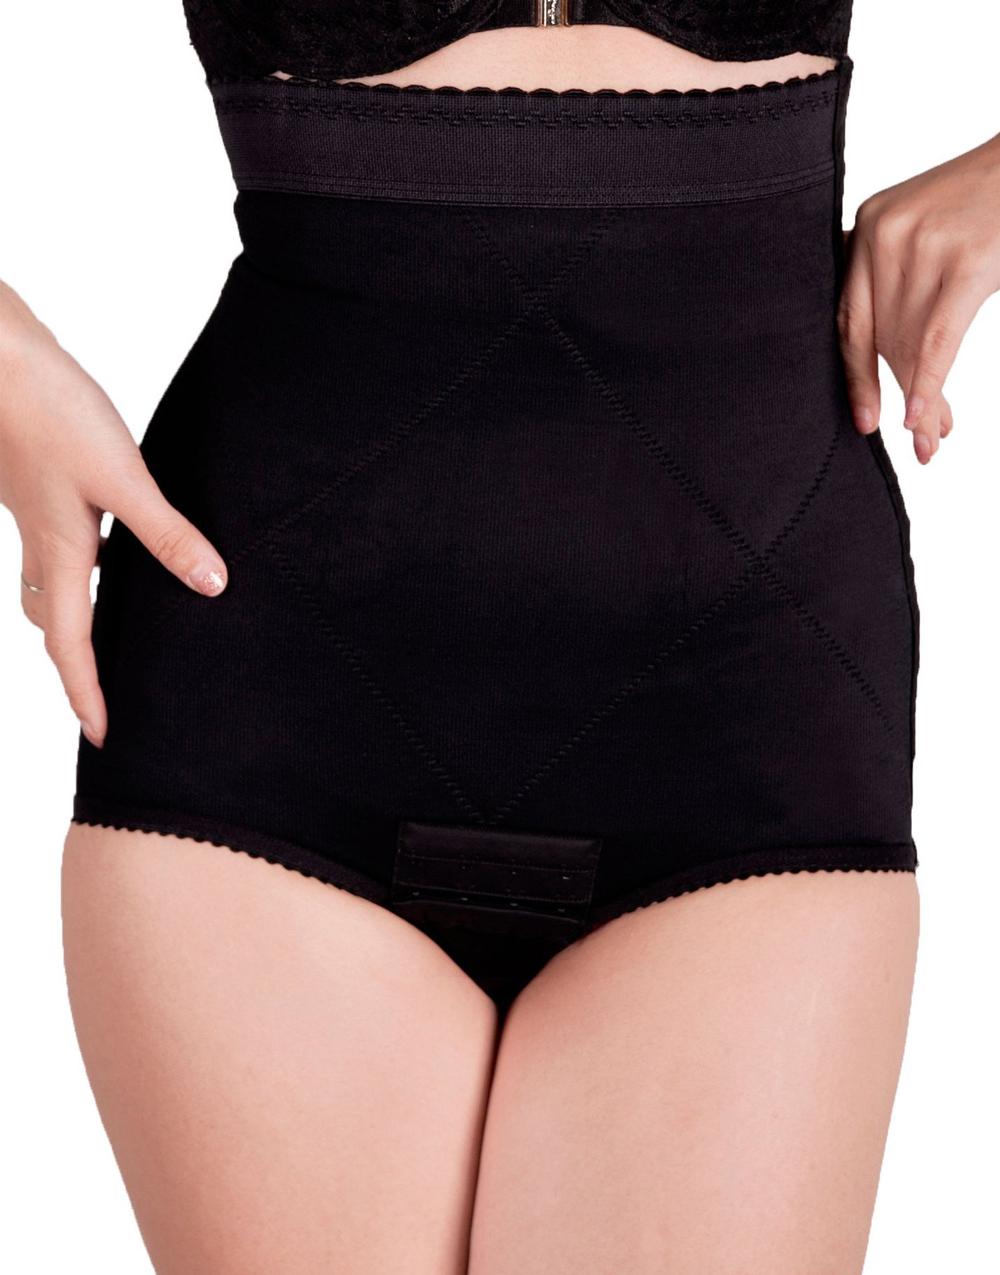 Postpartum Ultra Bikini in Black by Wink Shapewear | XS